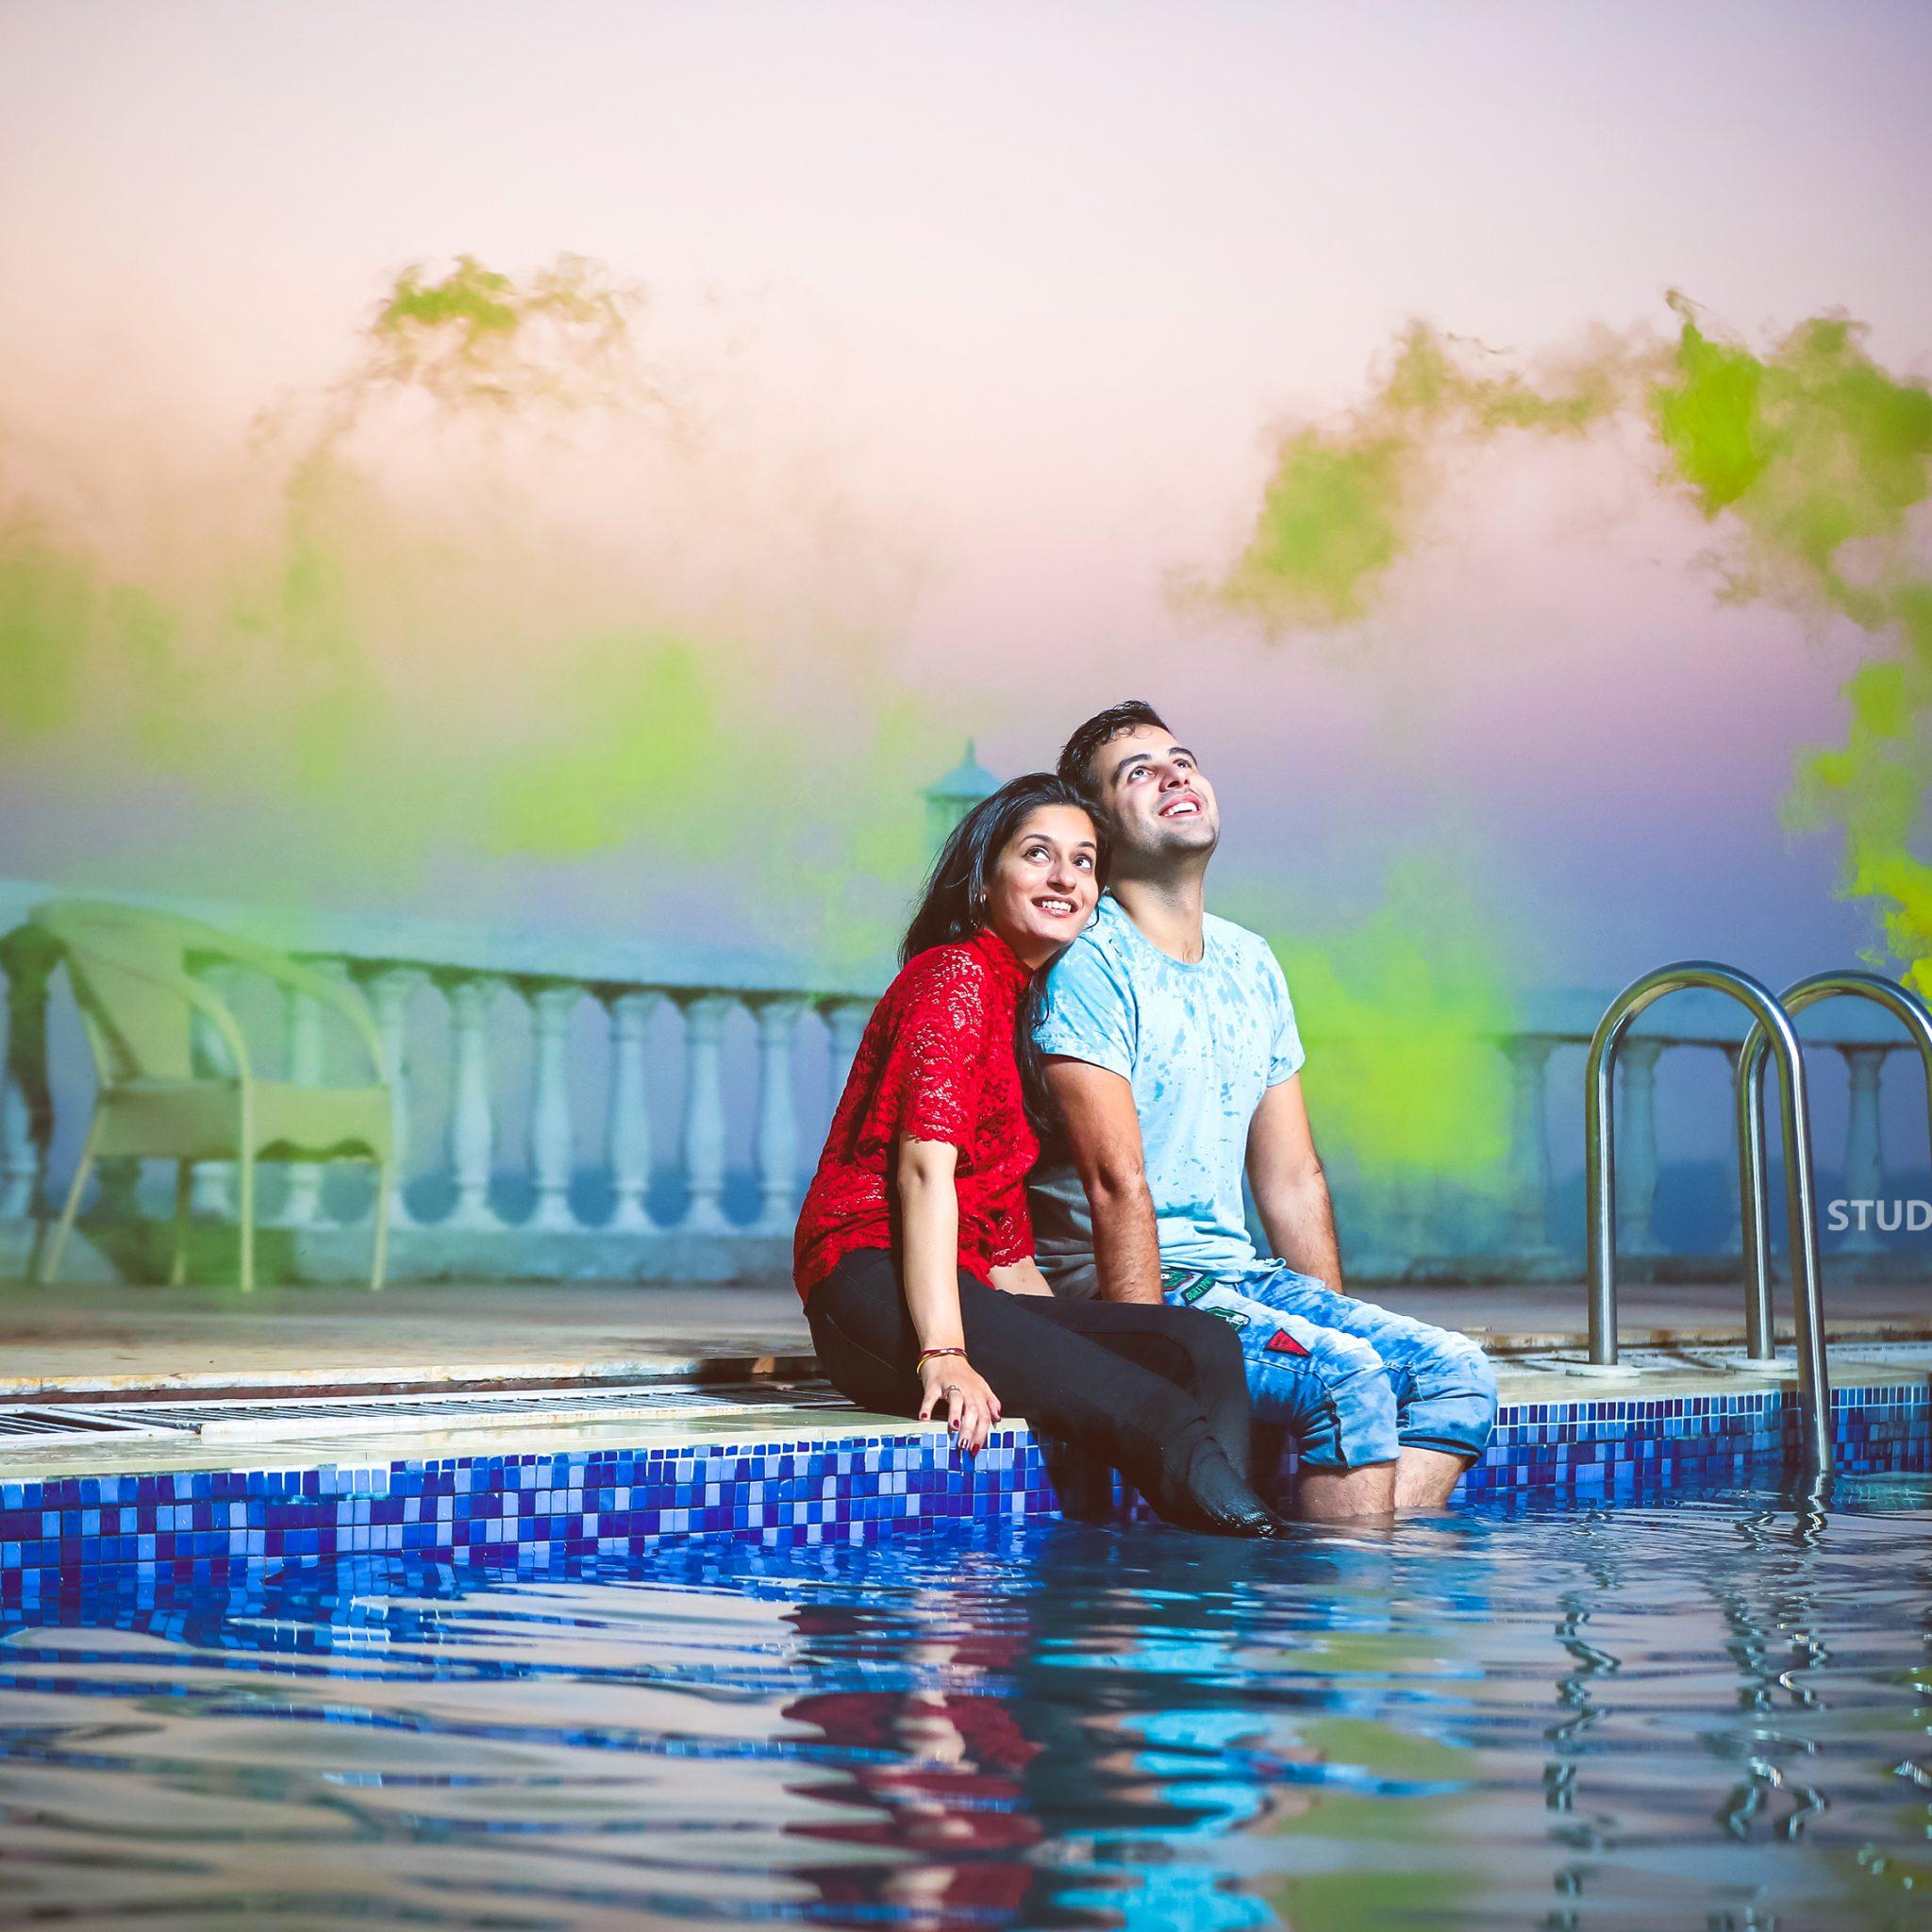 Candid Couple Photography – Akhil & Mahak